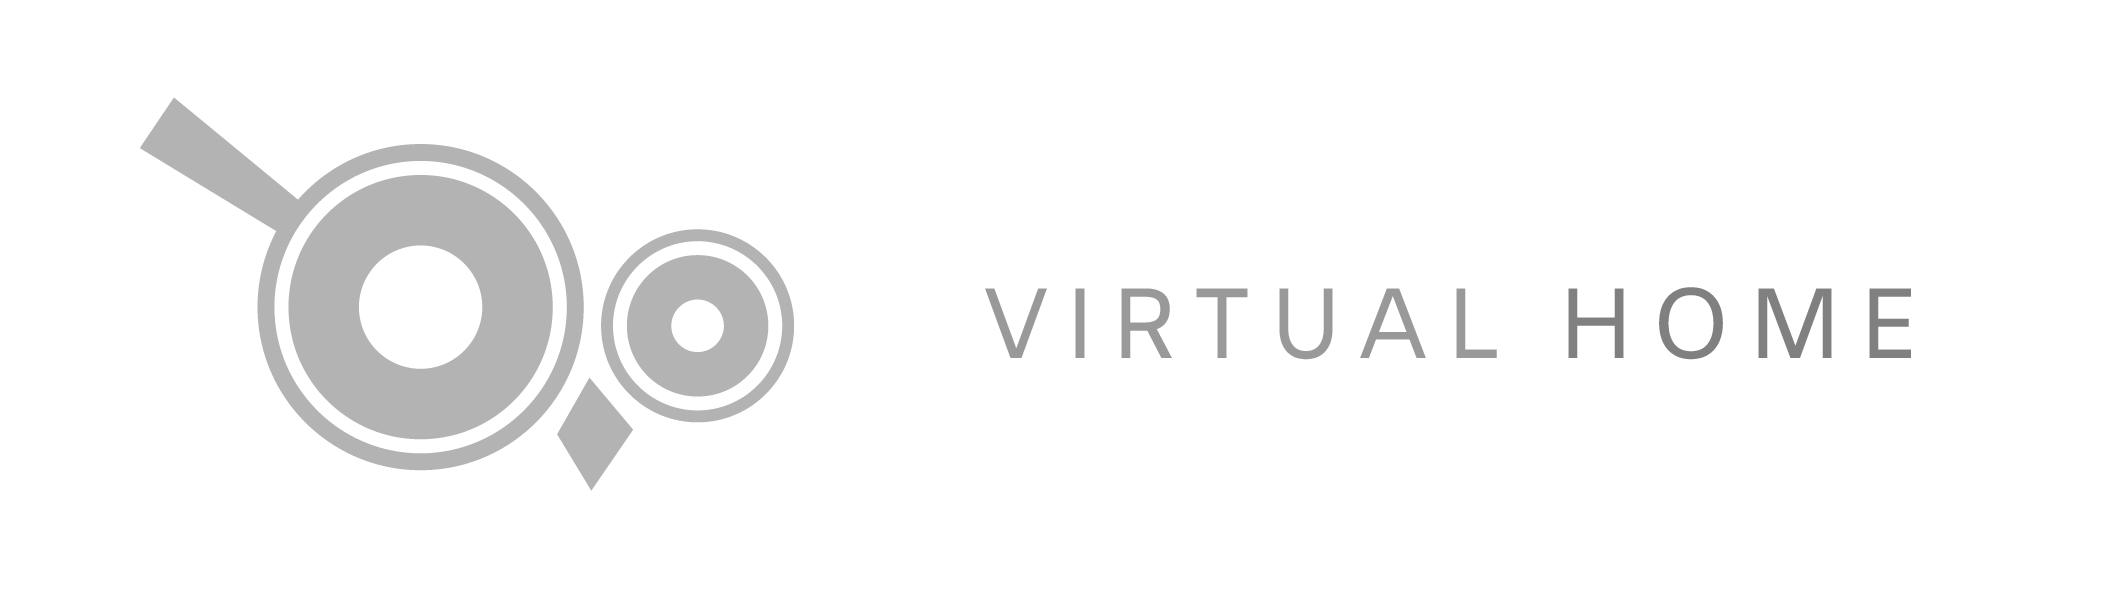 VirtualHome